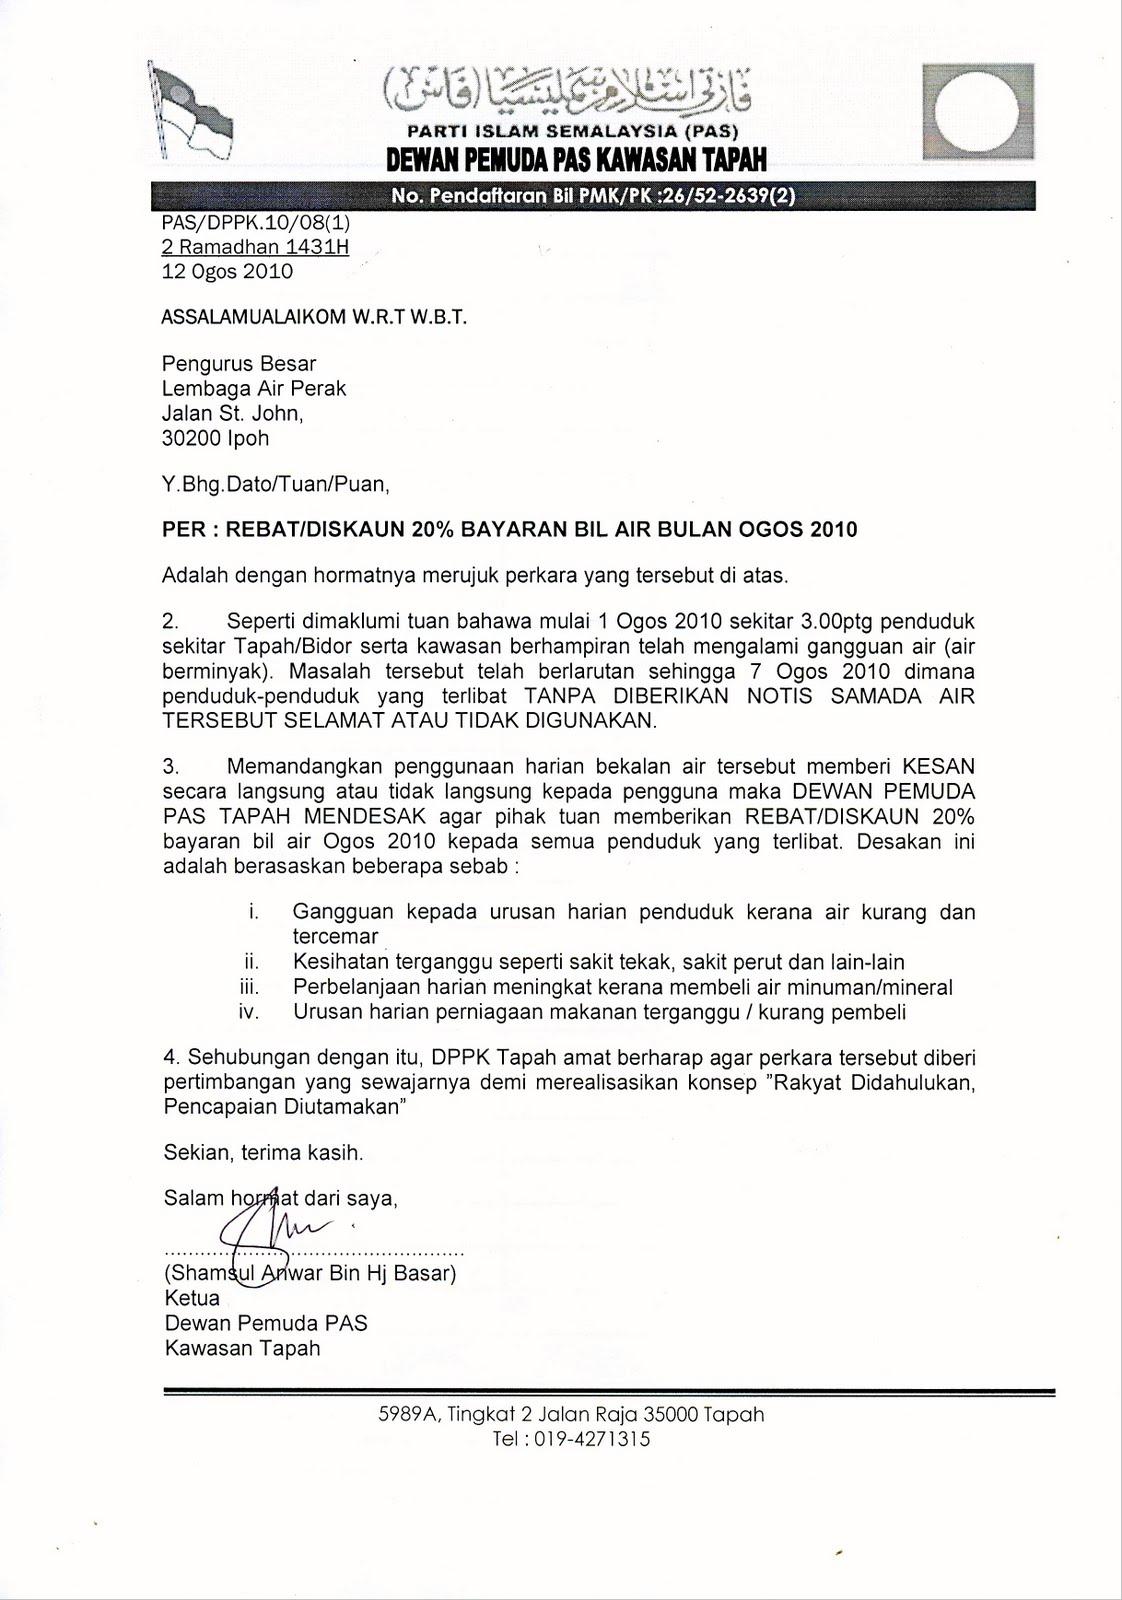 Surat kepada LAP untuk memohon diskaun/rebat bil air